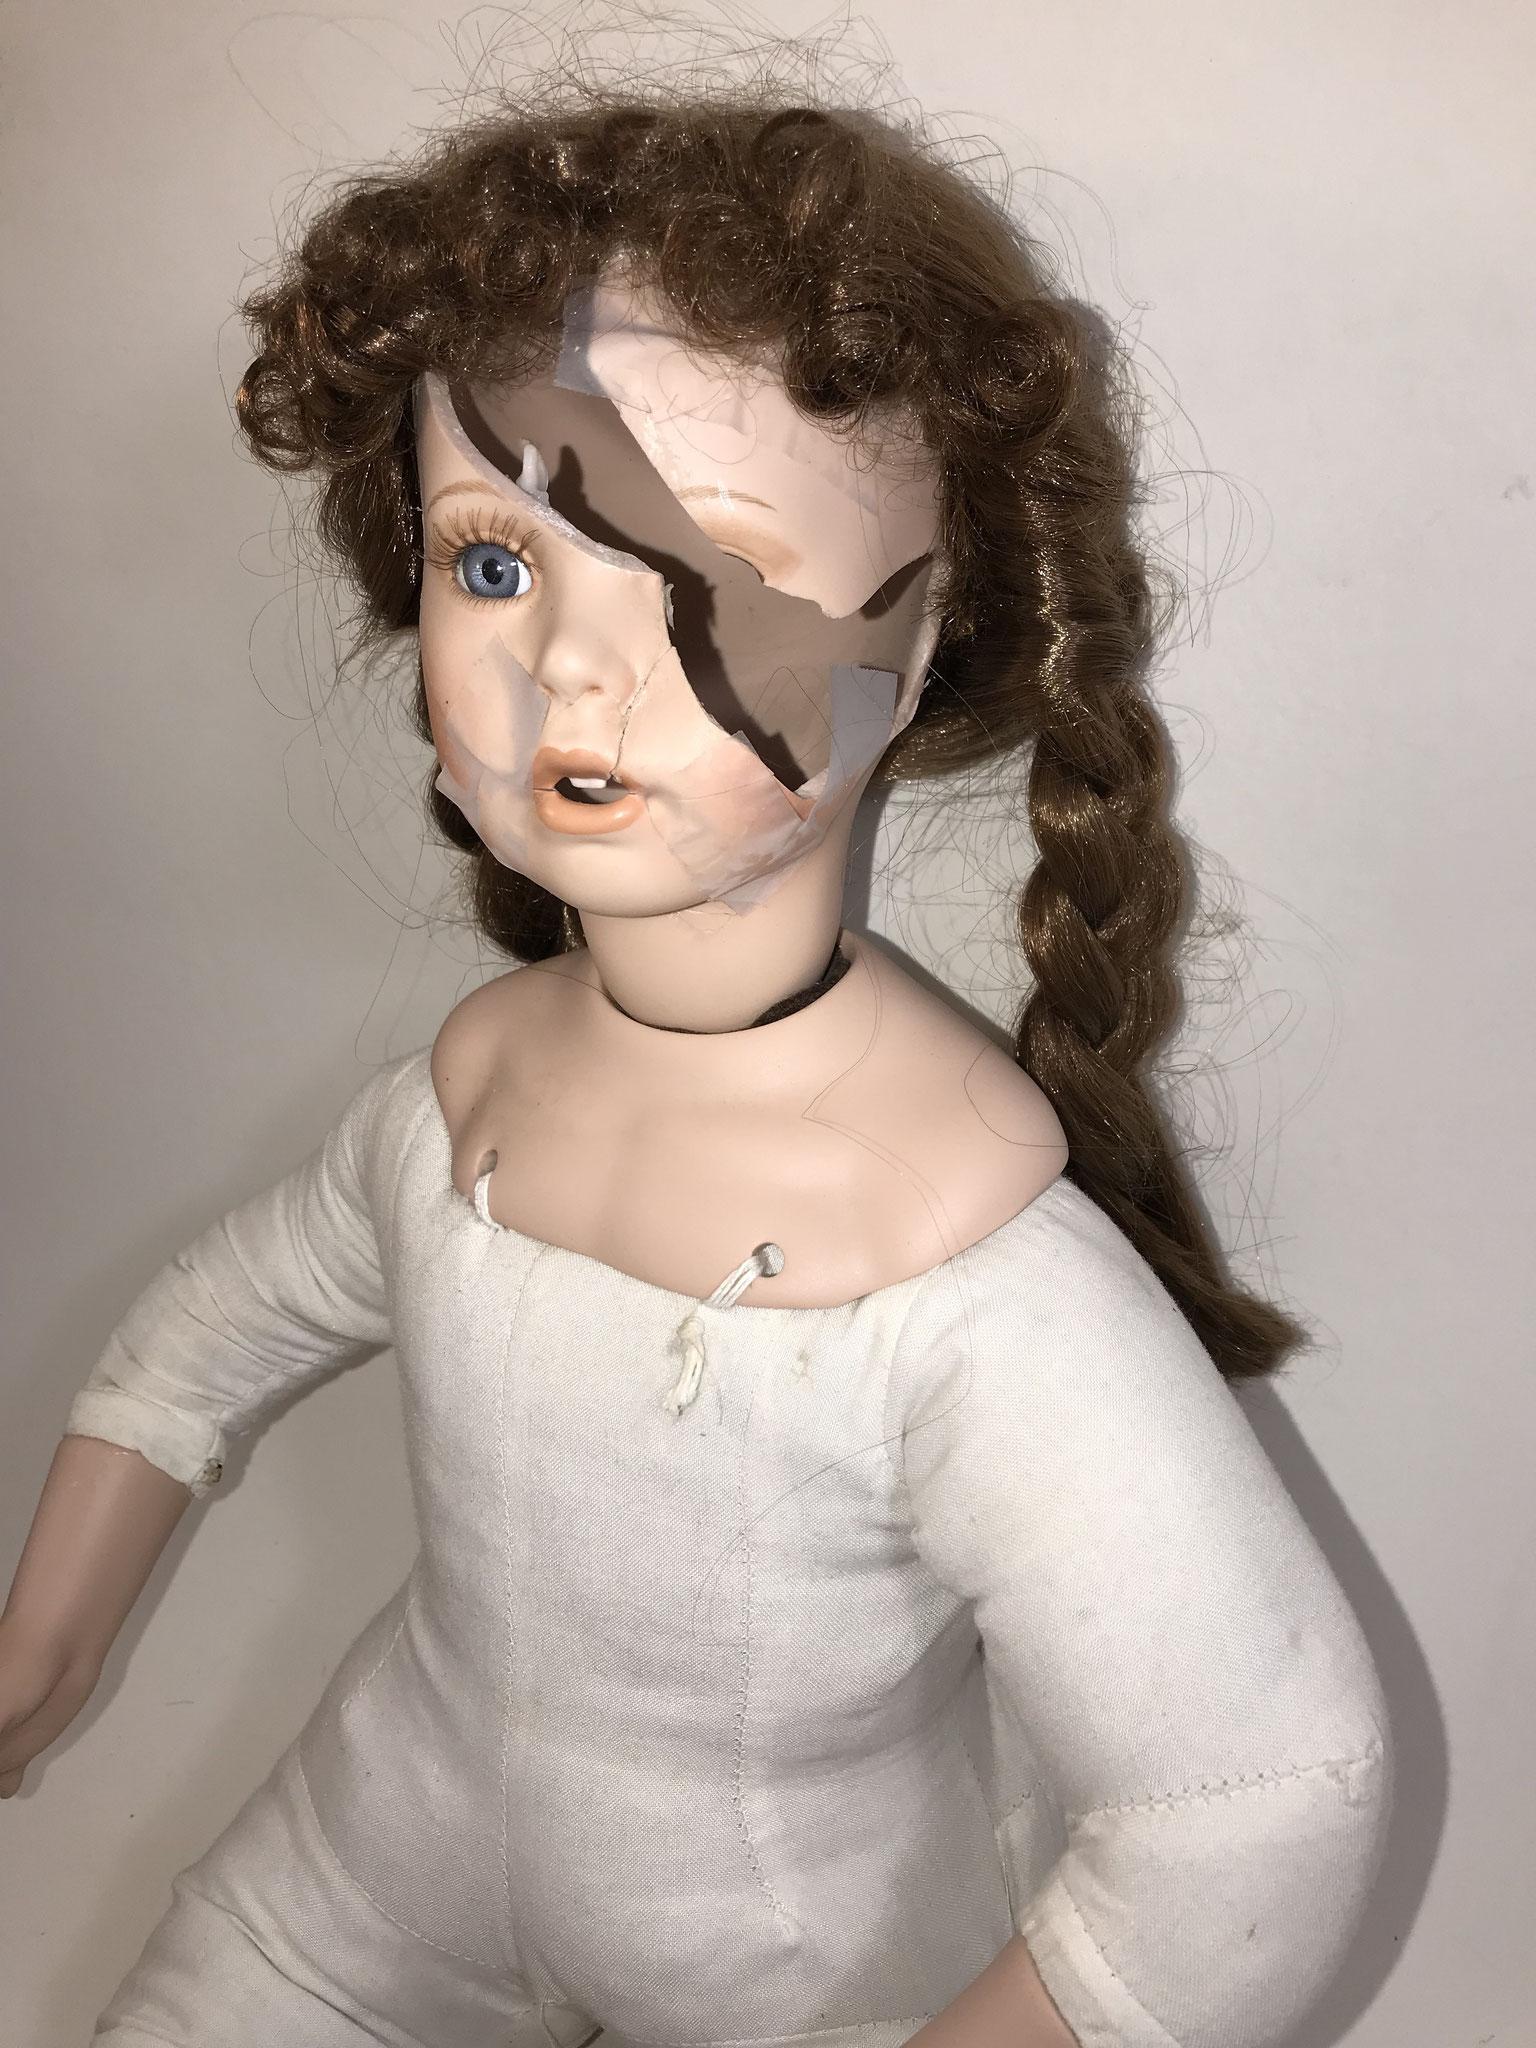 Poupée contemporaine de La clinique des poupées - Bordeaux